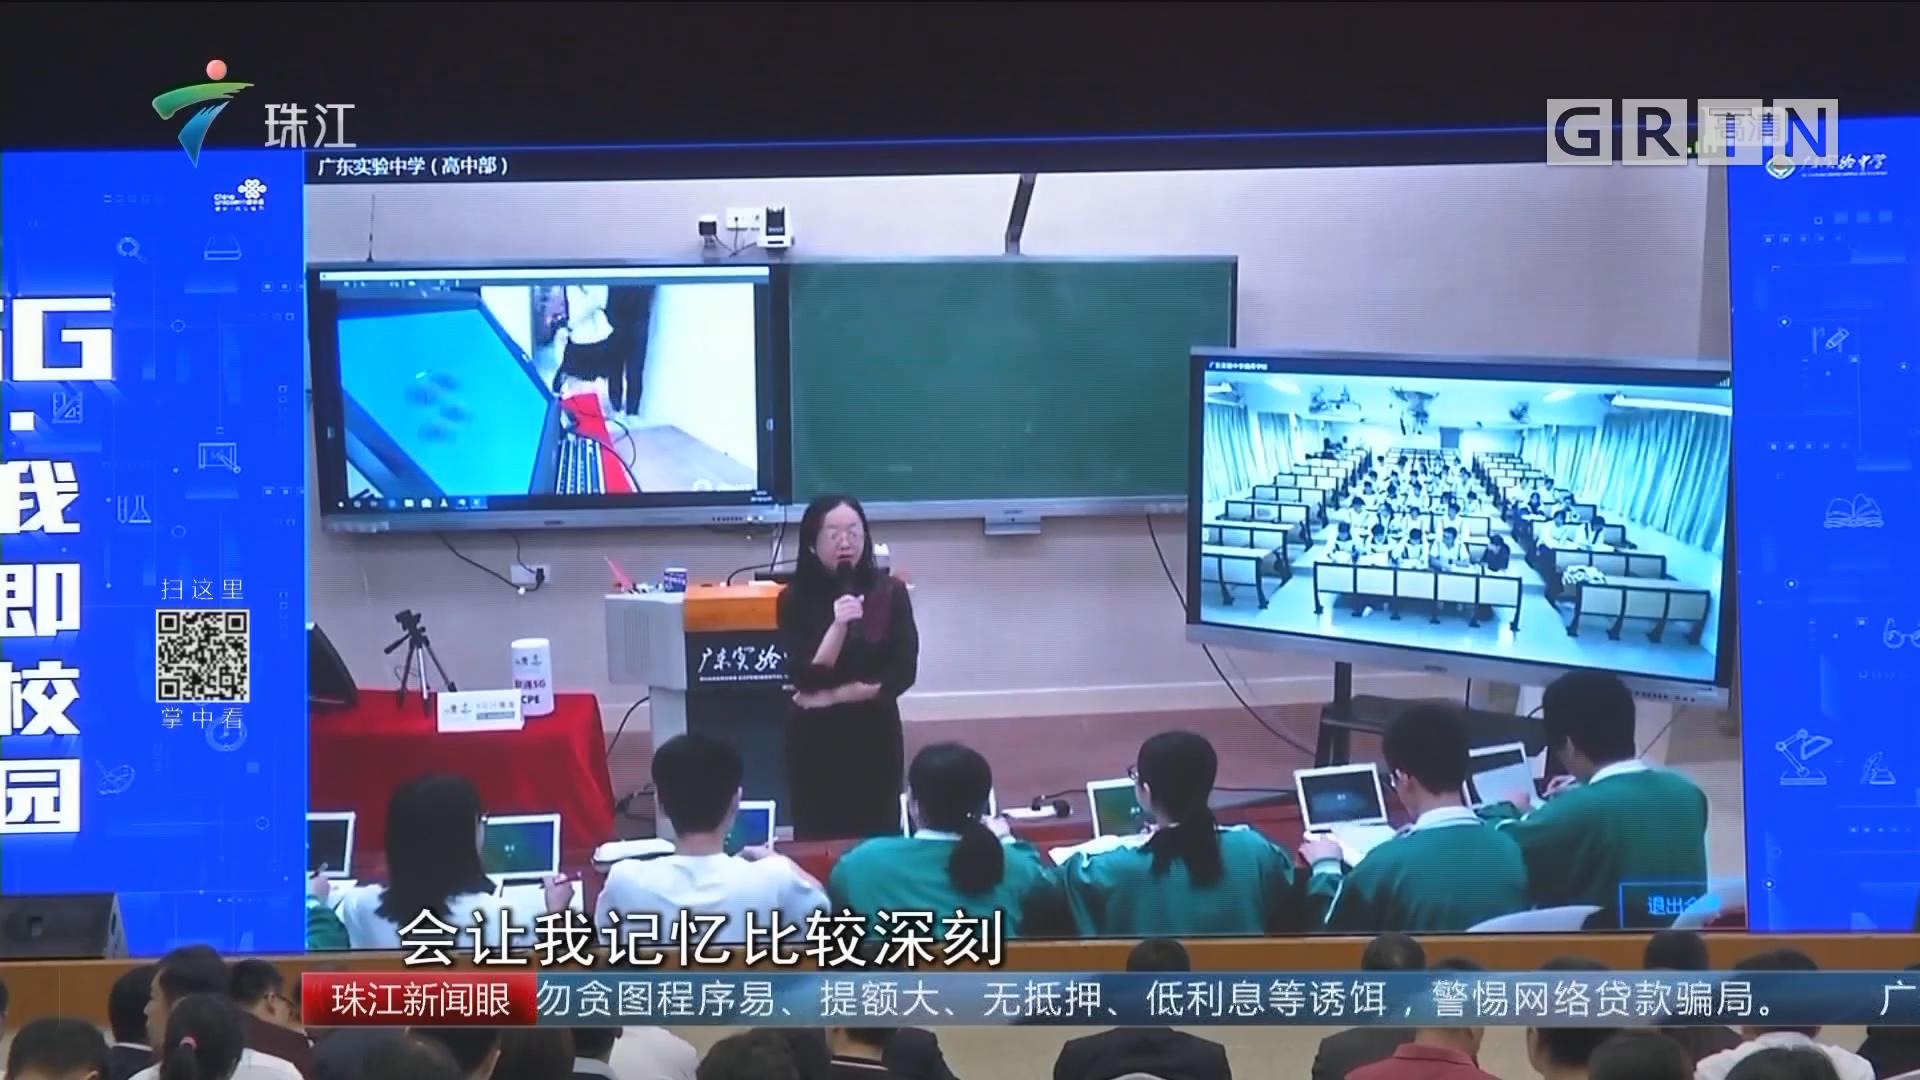 省实首创5G课堂 教育资源实时传送